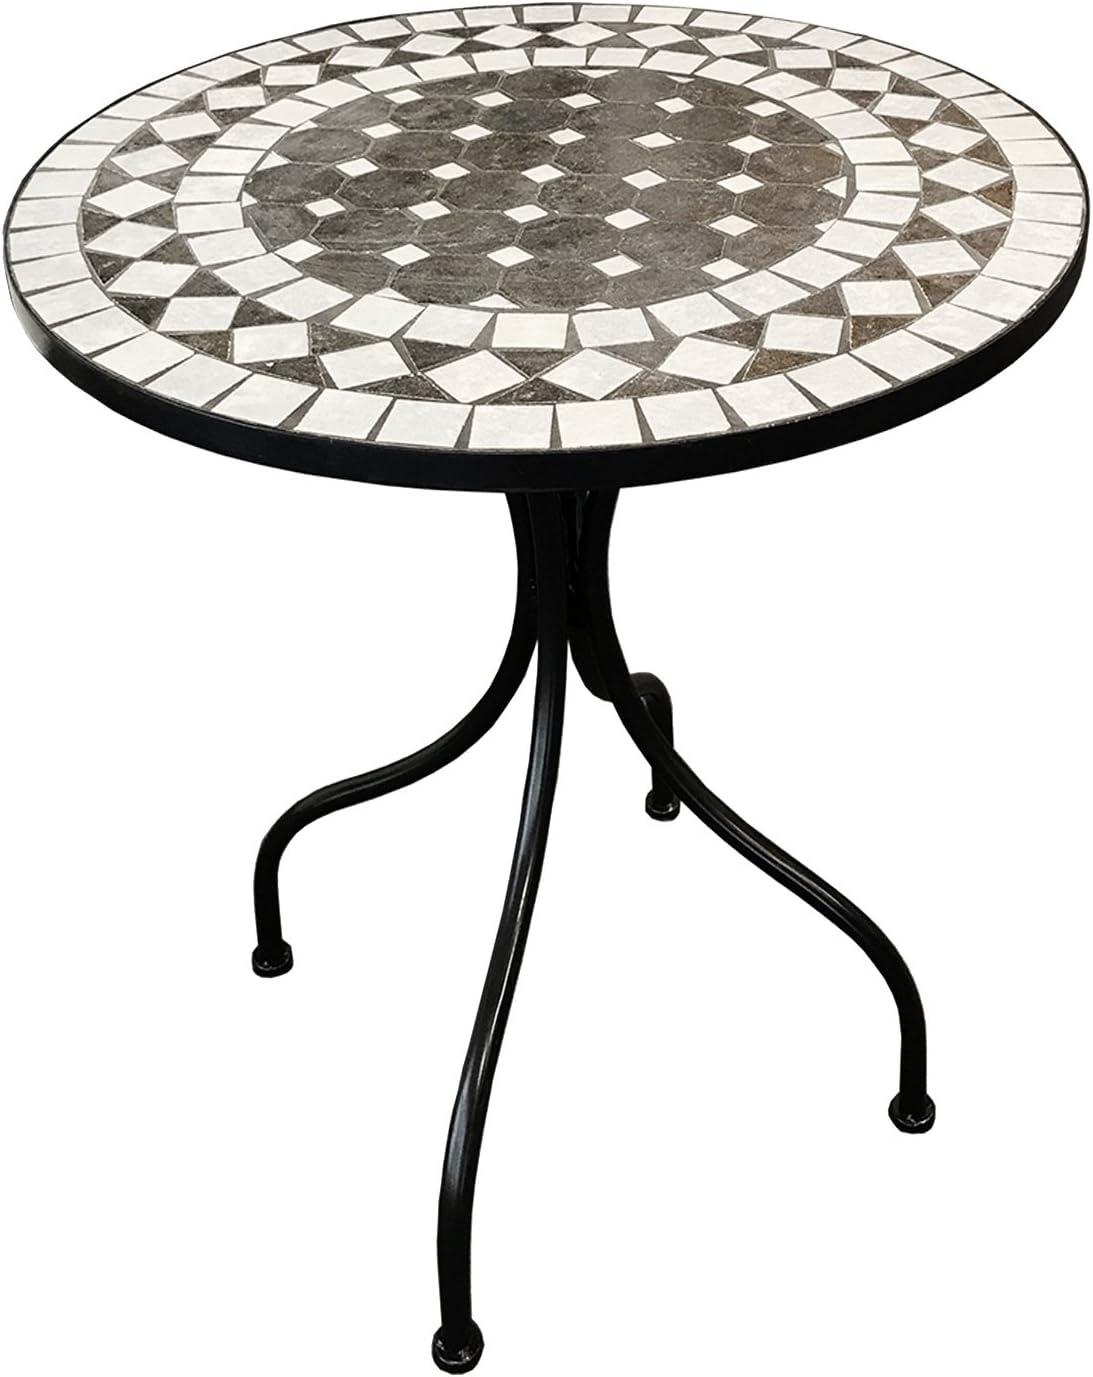 FineHome - Mesa de jardín mediterránea con diseño de círculos, Mesa de Mosaico, Muebles de jardín, Mesa de Bistro, Color Antracita/Gris, 60 x 70 cm: Amazon.es: Jardín